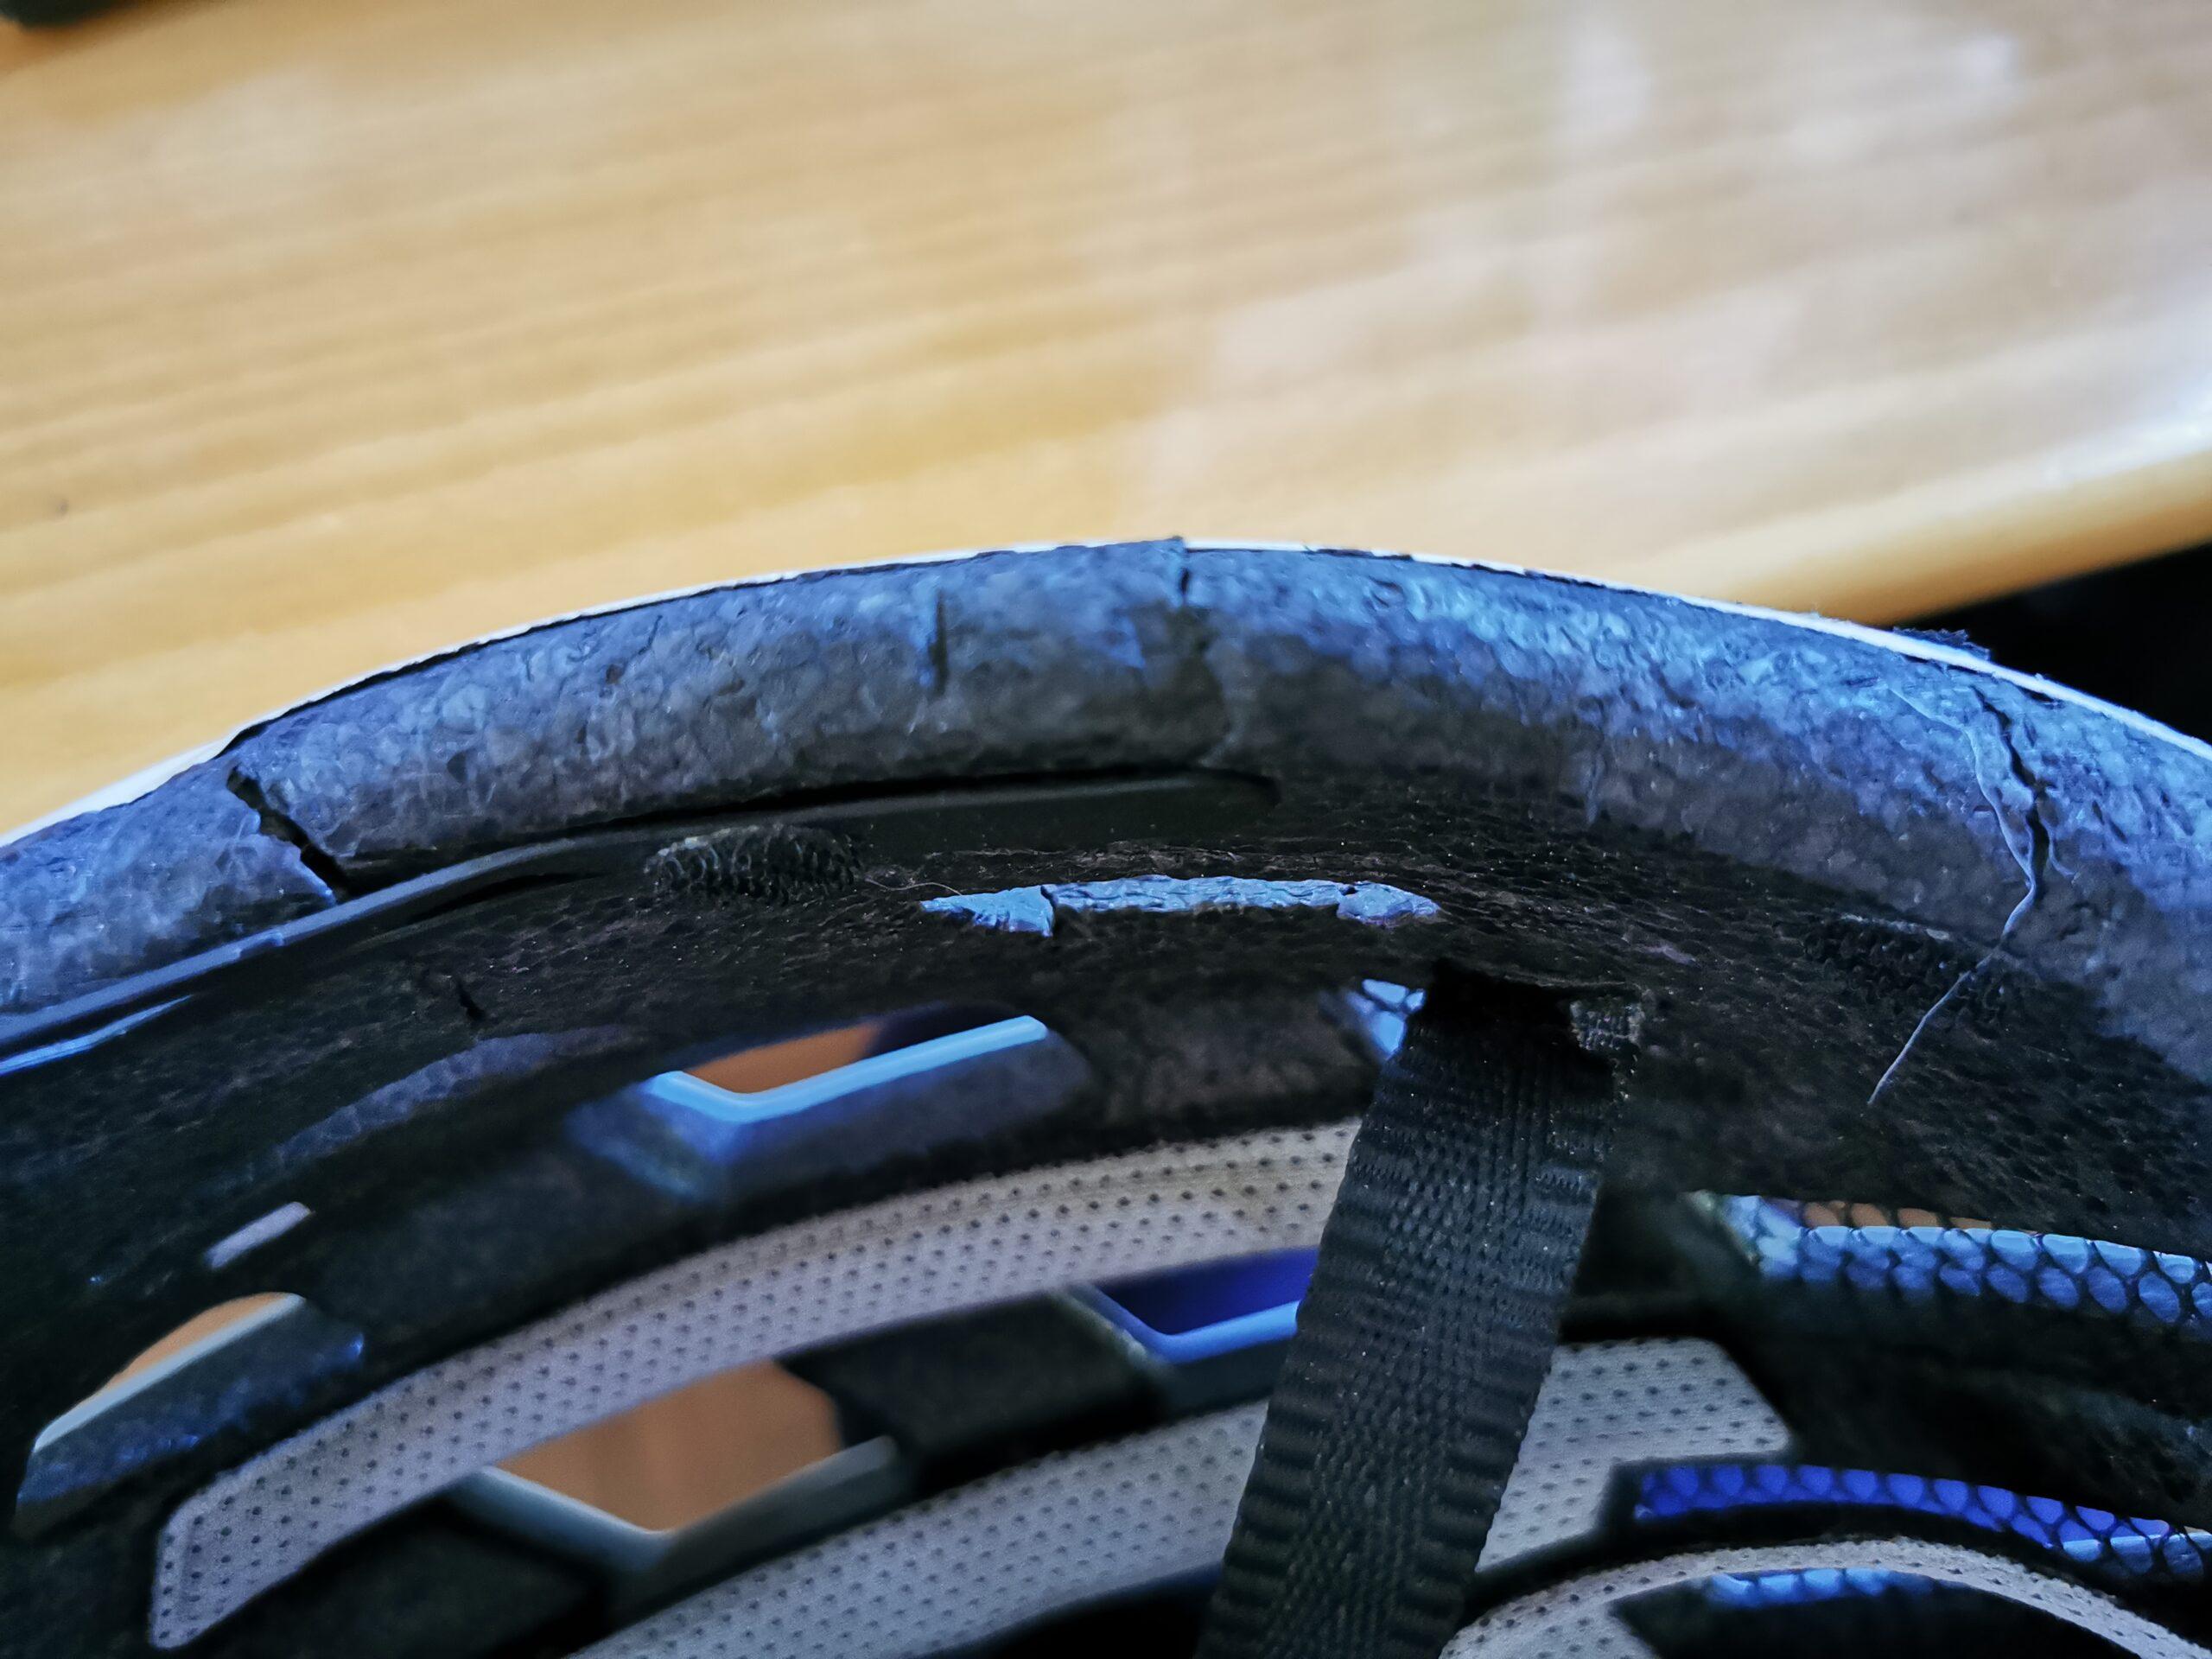 Der gebrochene Helm von oben